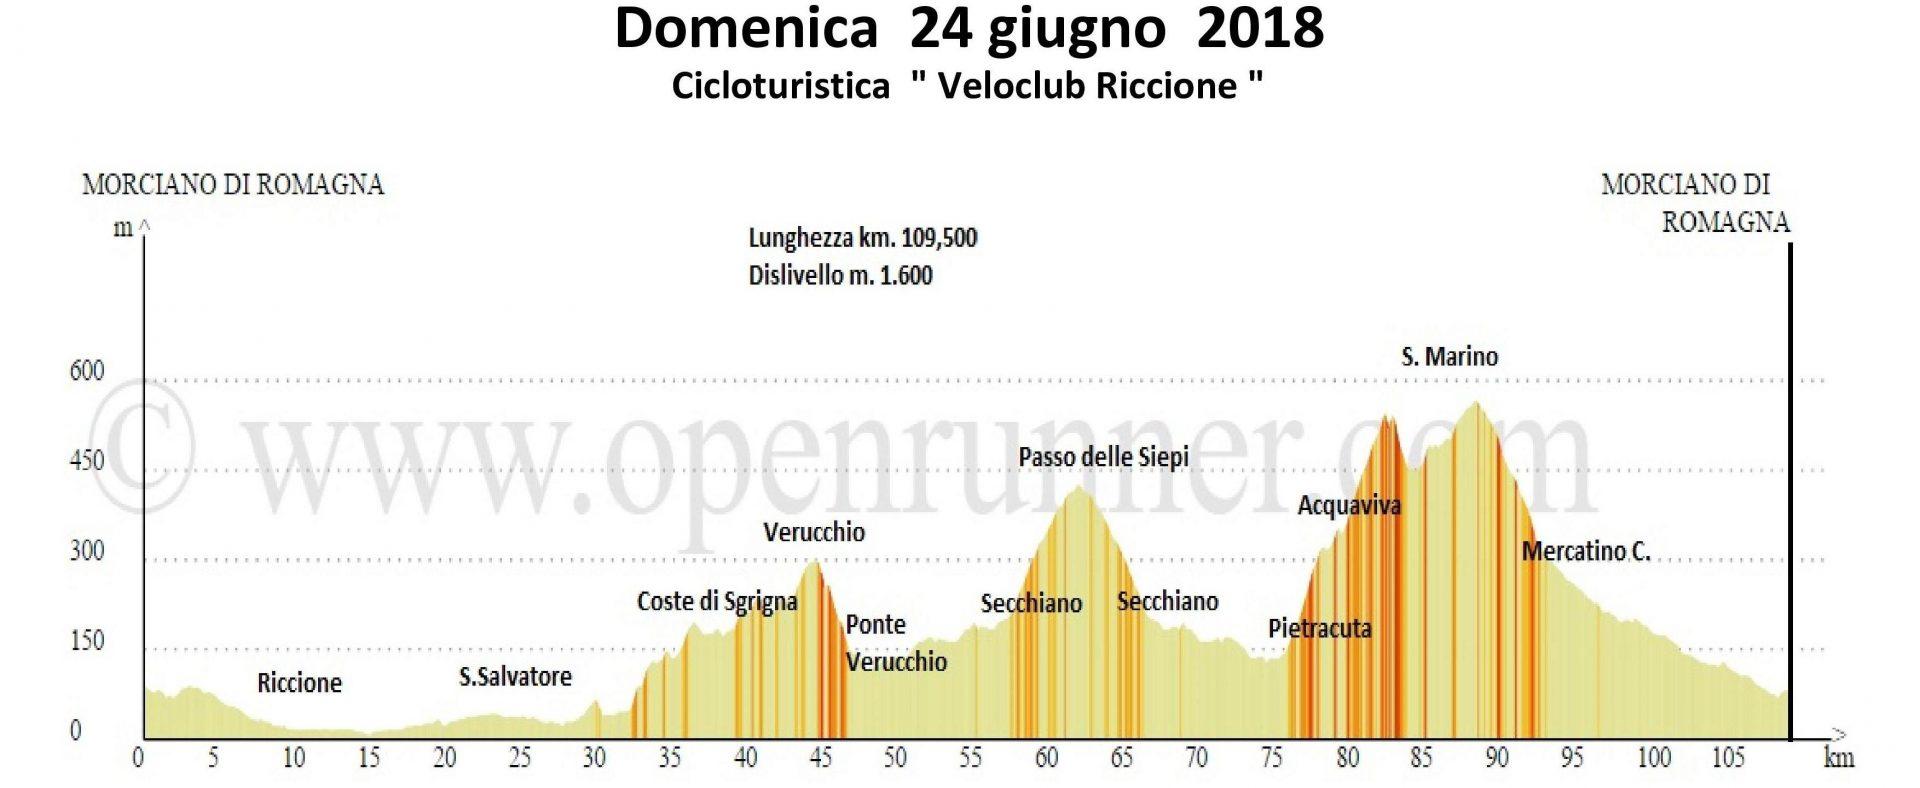 Domenica 24-giu-2018 Turistica Veloclub Riccione